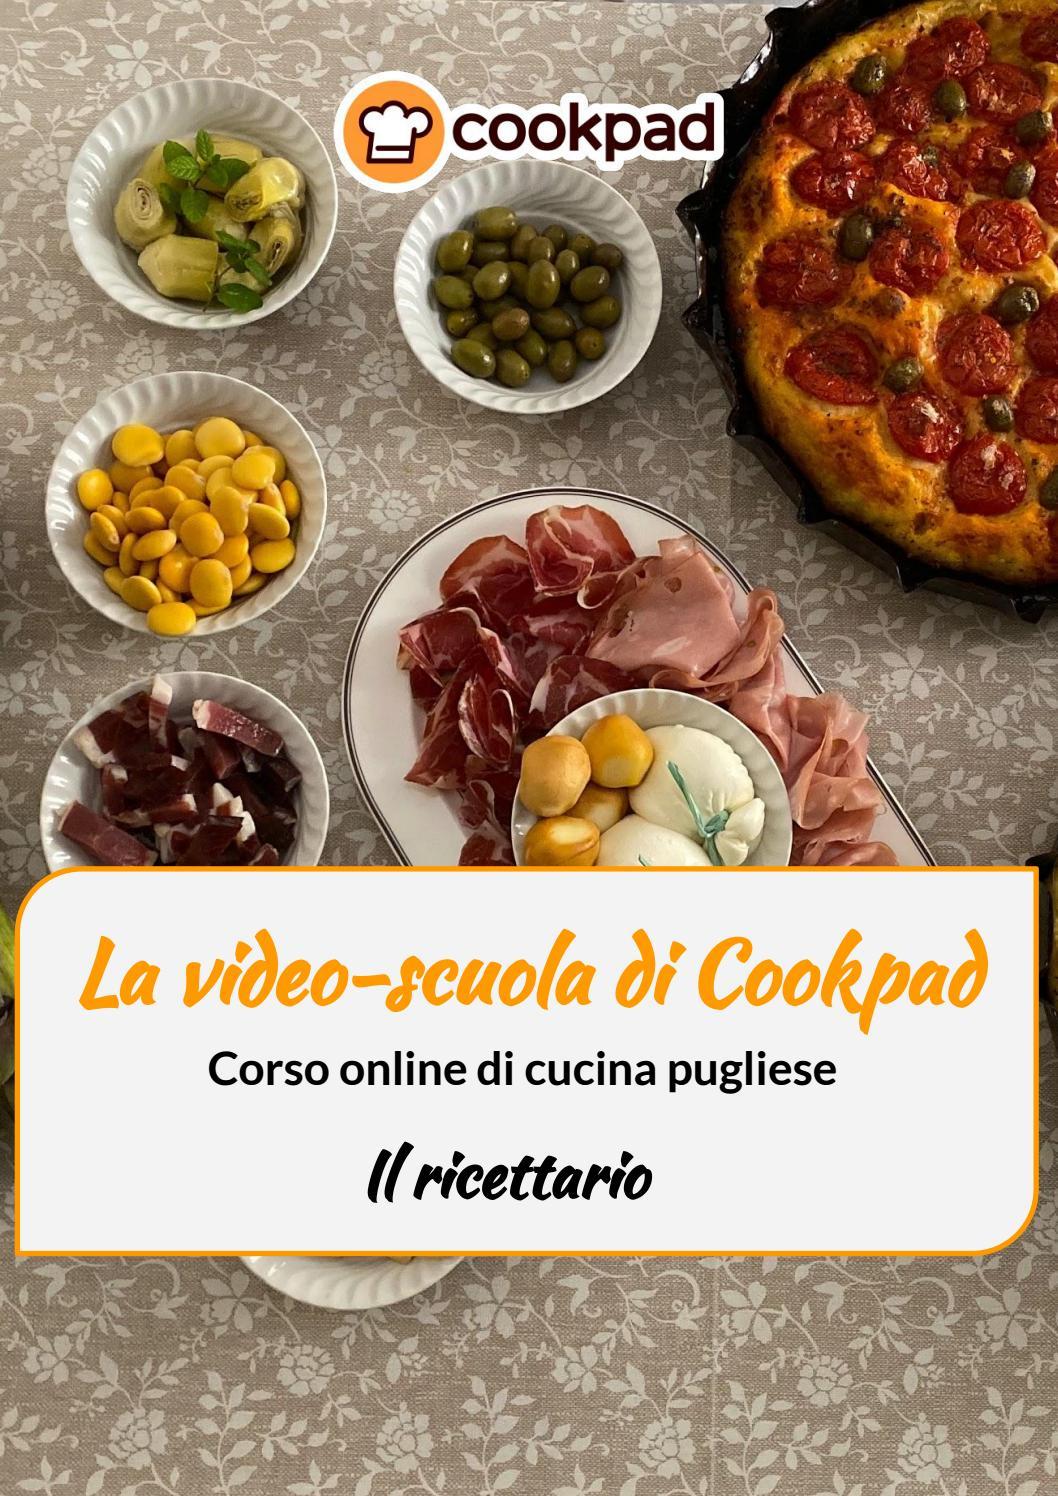 Corso Online Di Cucina Pugliese Cookpad Il Ricettario Vebuka Com